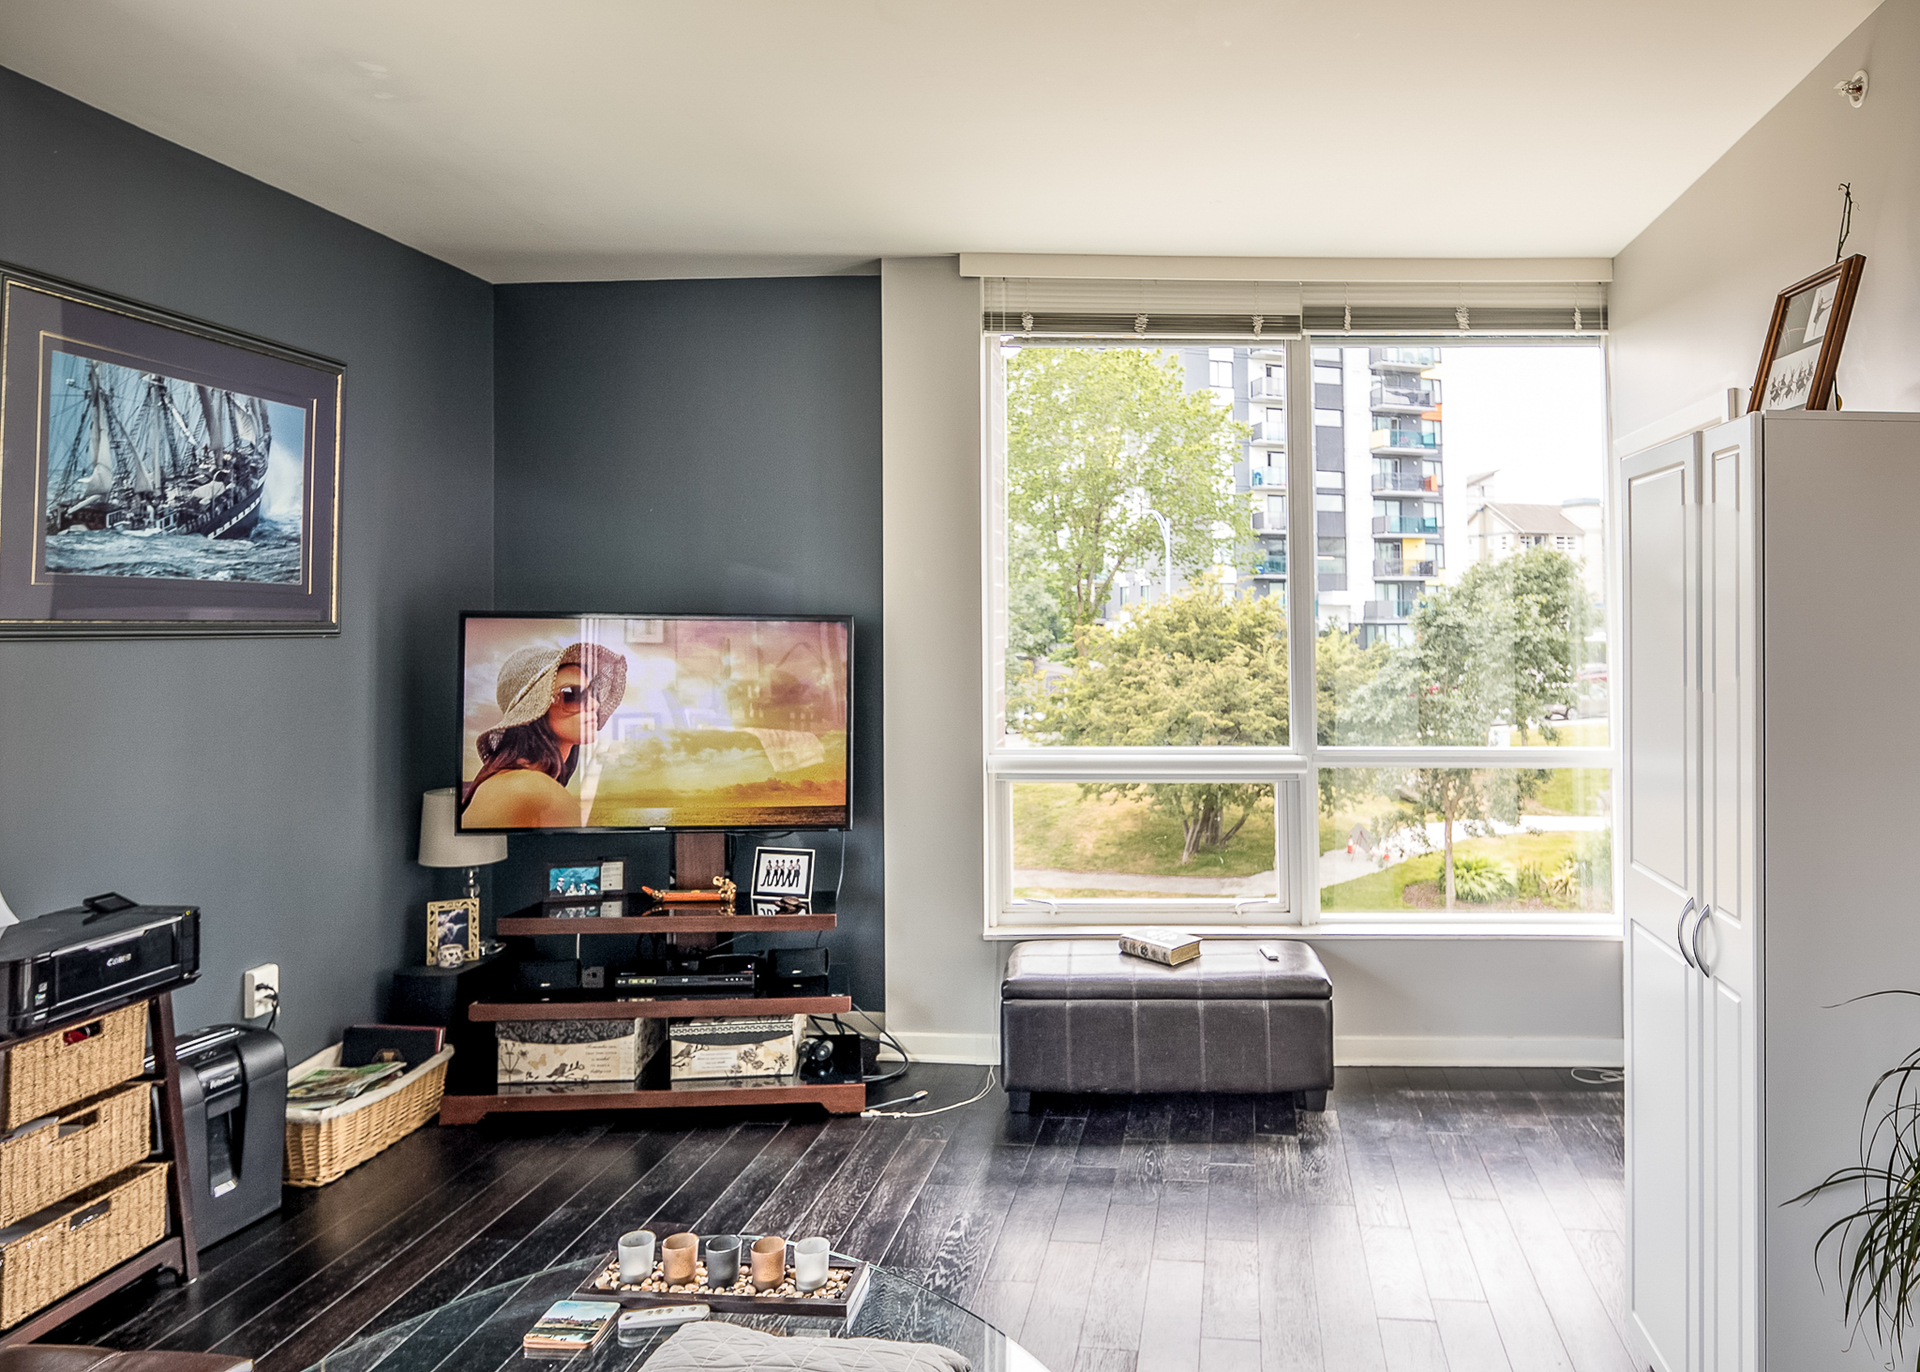 at 304 - 391 Tyee Road, Victoria, Bc Bc, Vancouver Island